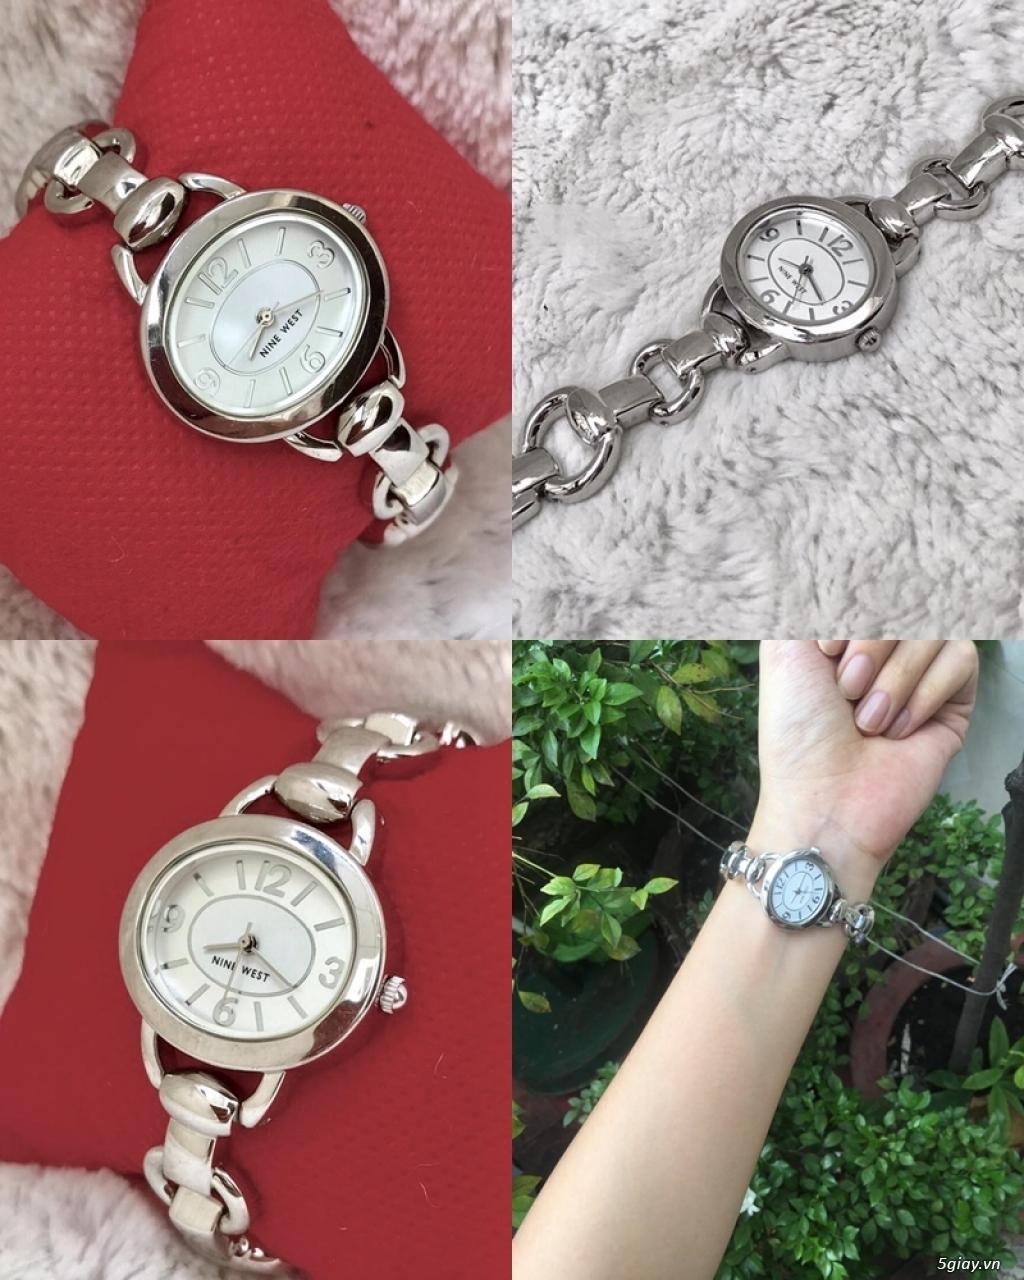 Kho đồng hồ xách tay chính hãng secondhand update liên tục - 11